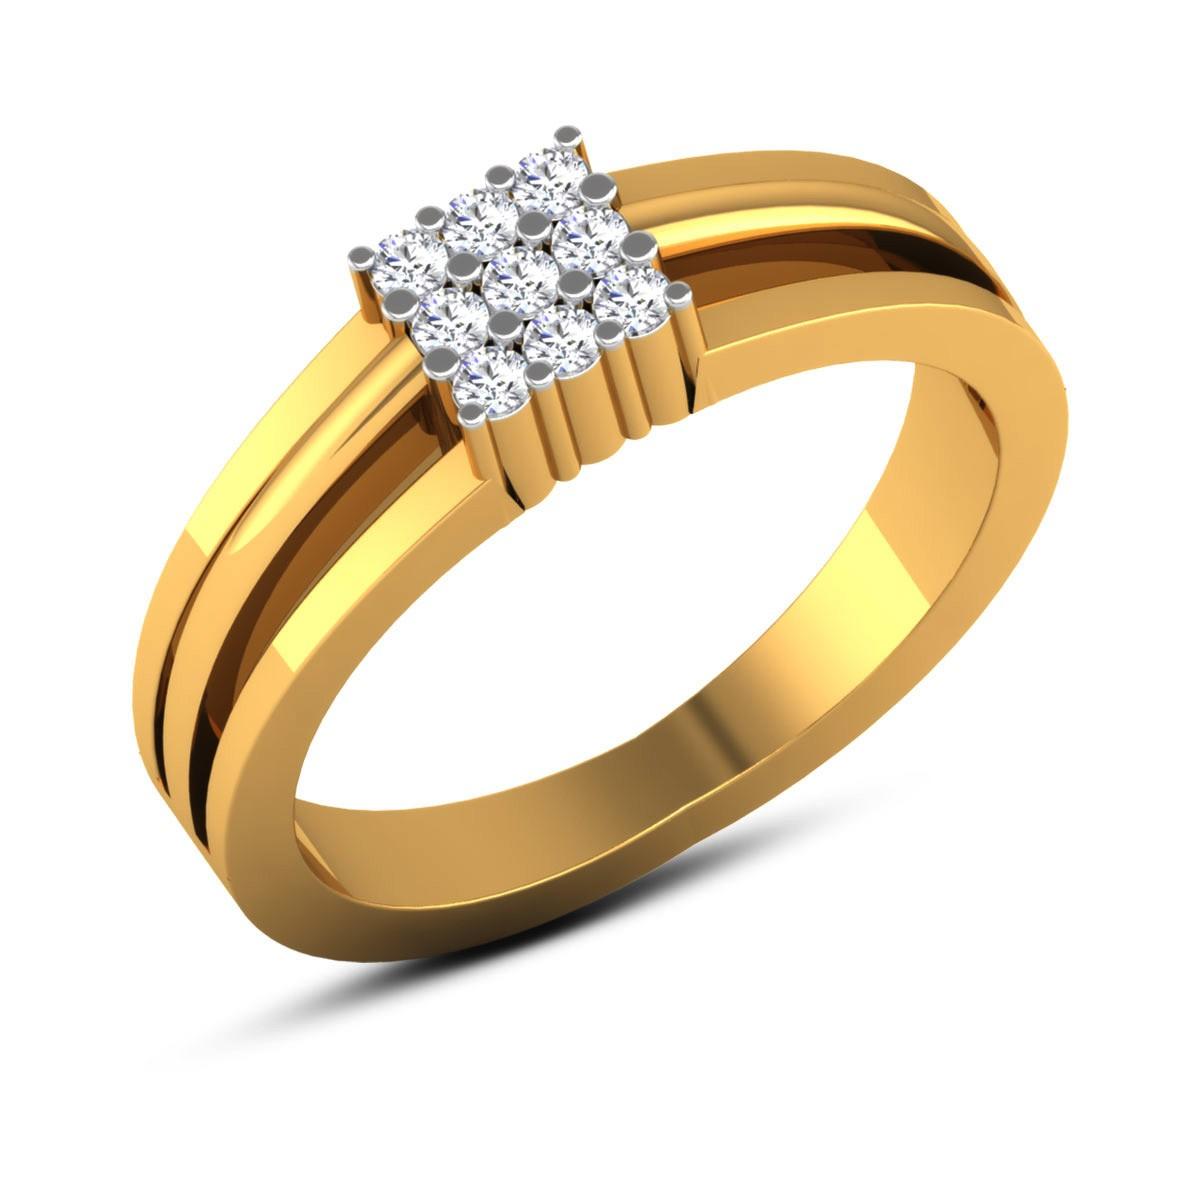 Udele 9 Stone Diamond Ring